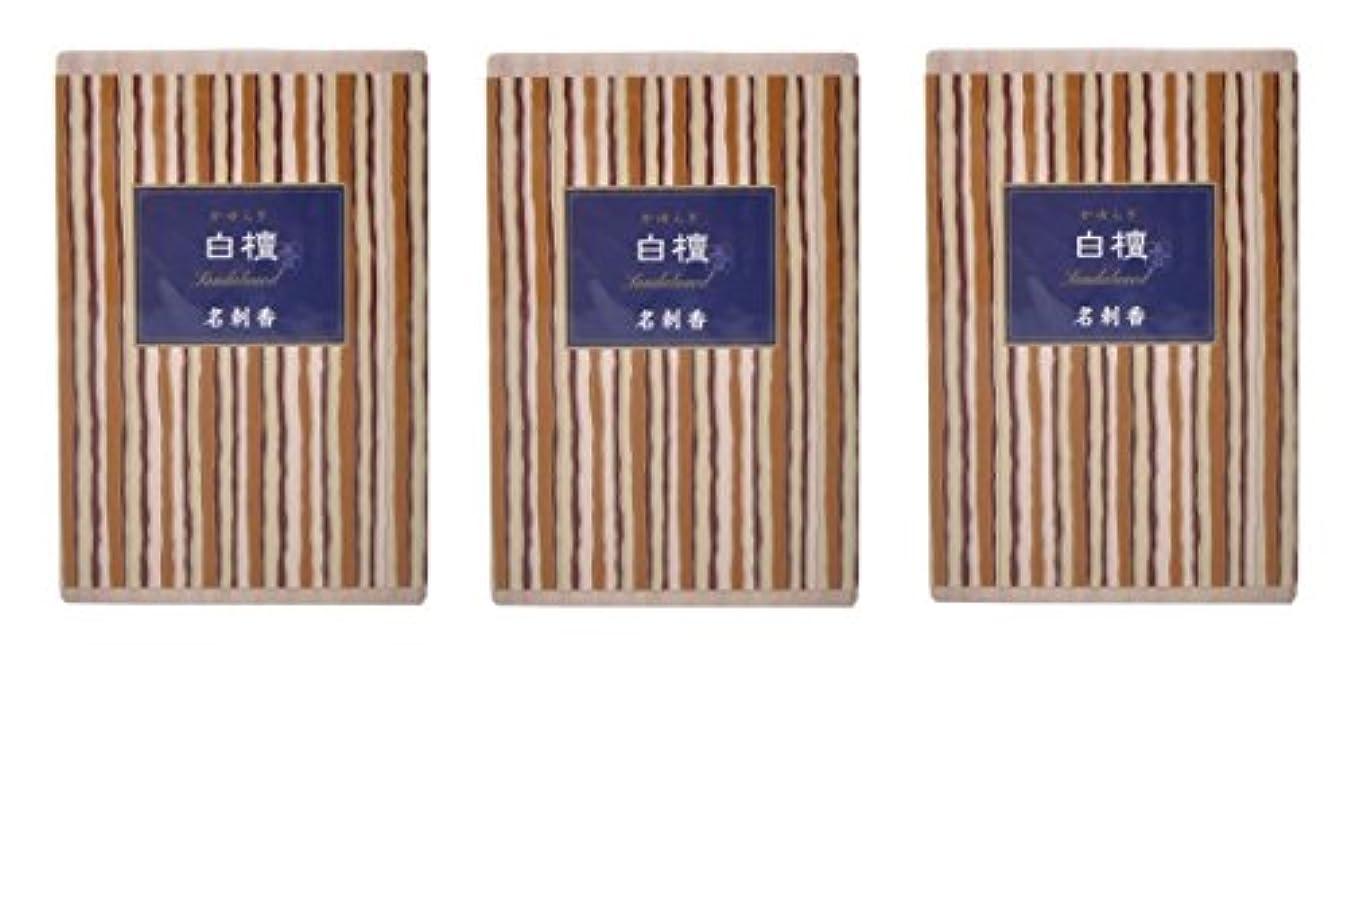 本能数学者キルト【まとめ買い】かゆらぎ 白檀 名刺香 桐箱 6入× 3個